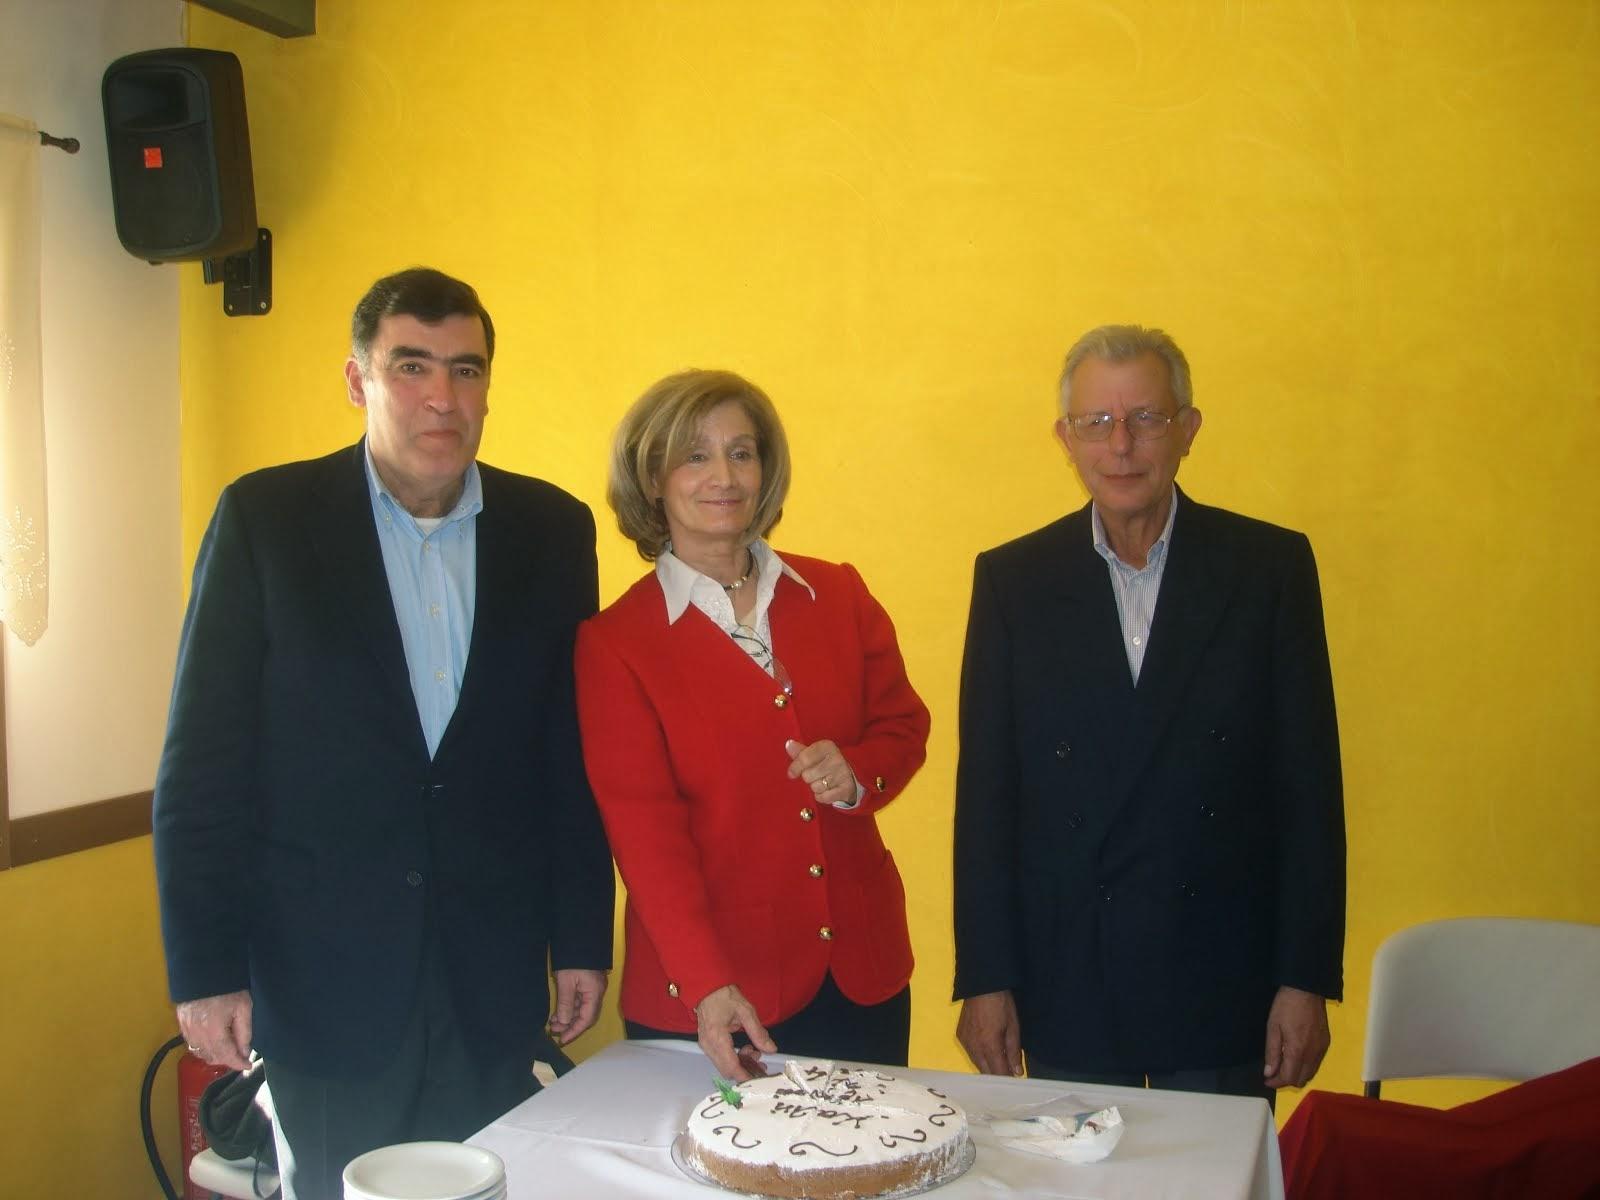 Η κοπή πίτας του Συλλόγου Καρυτινών που έγινε φέτος στο χωριό